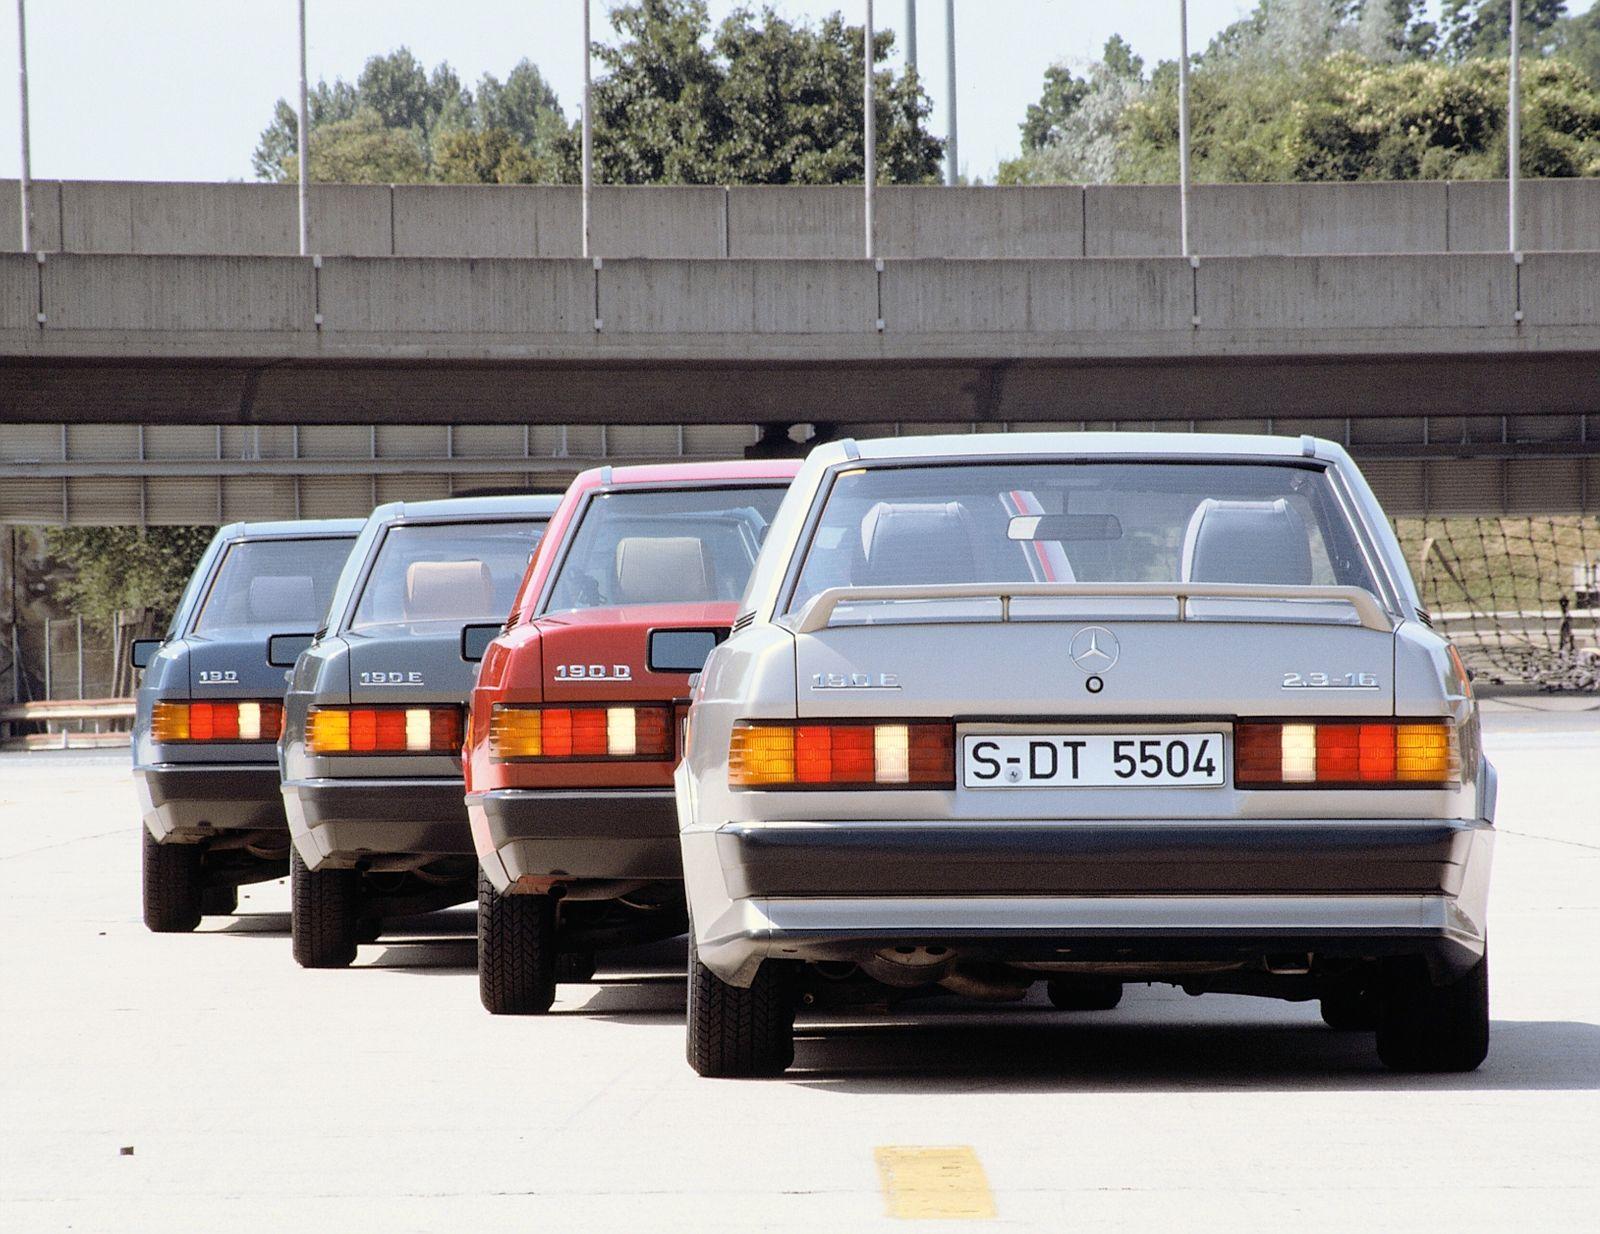 Mercedes-Benz C-Klasse und Vorgängerbaureihe seit 1982 Mercedes-Benz C-Class and predecessor model series since 1982